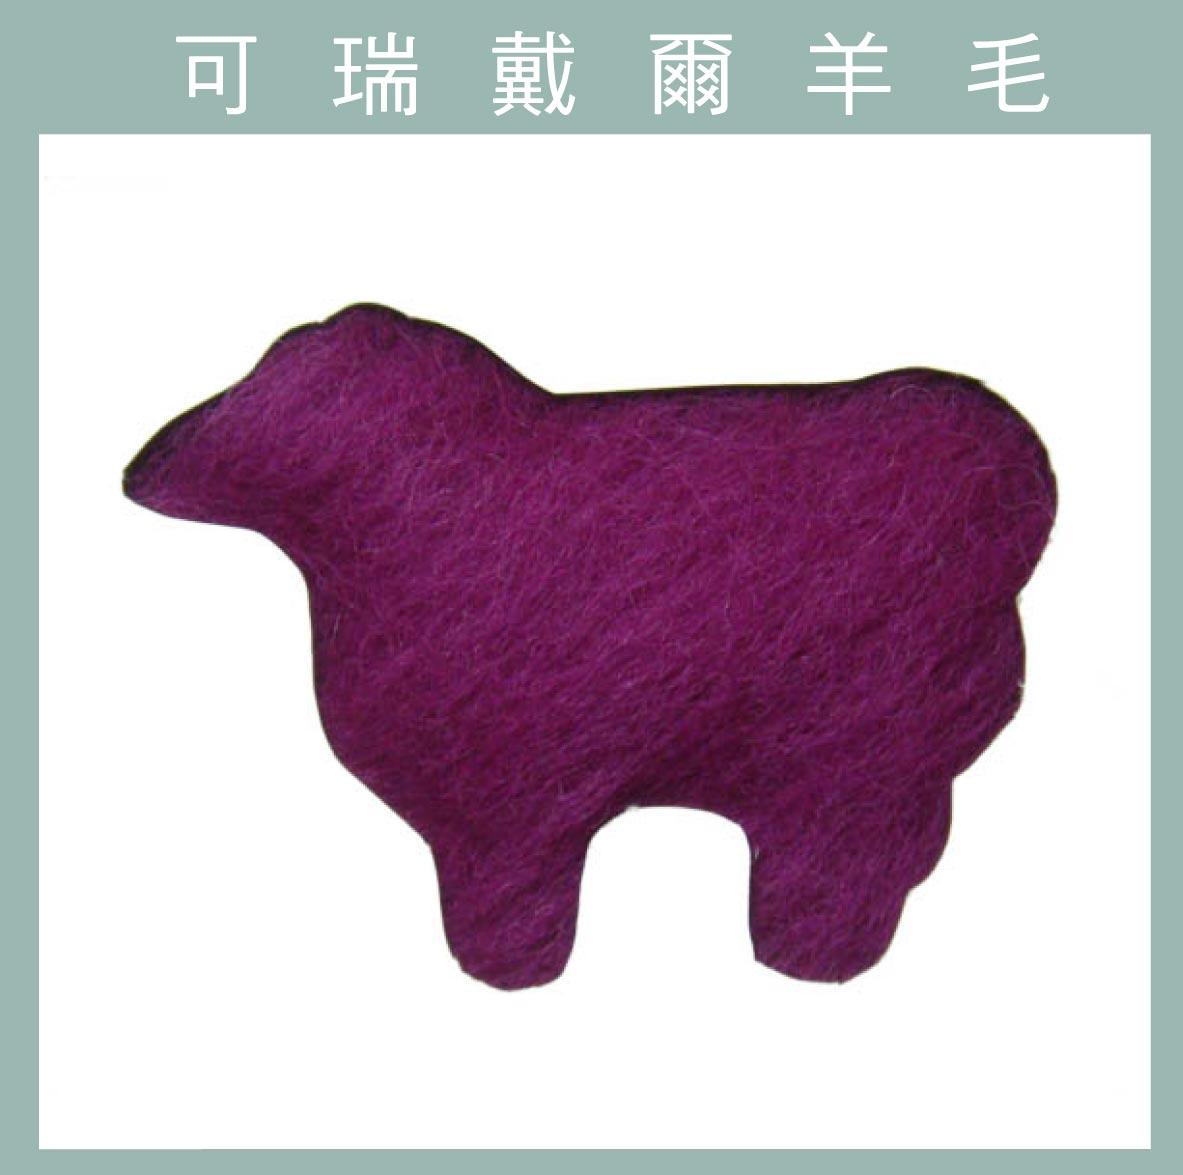 紐西蘭ASHFORD-可瑞戴爾羊毛[10克]C28紫紅色